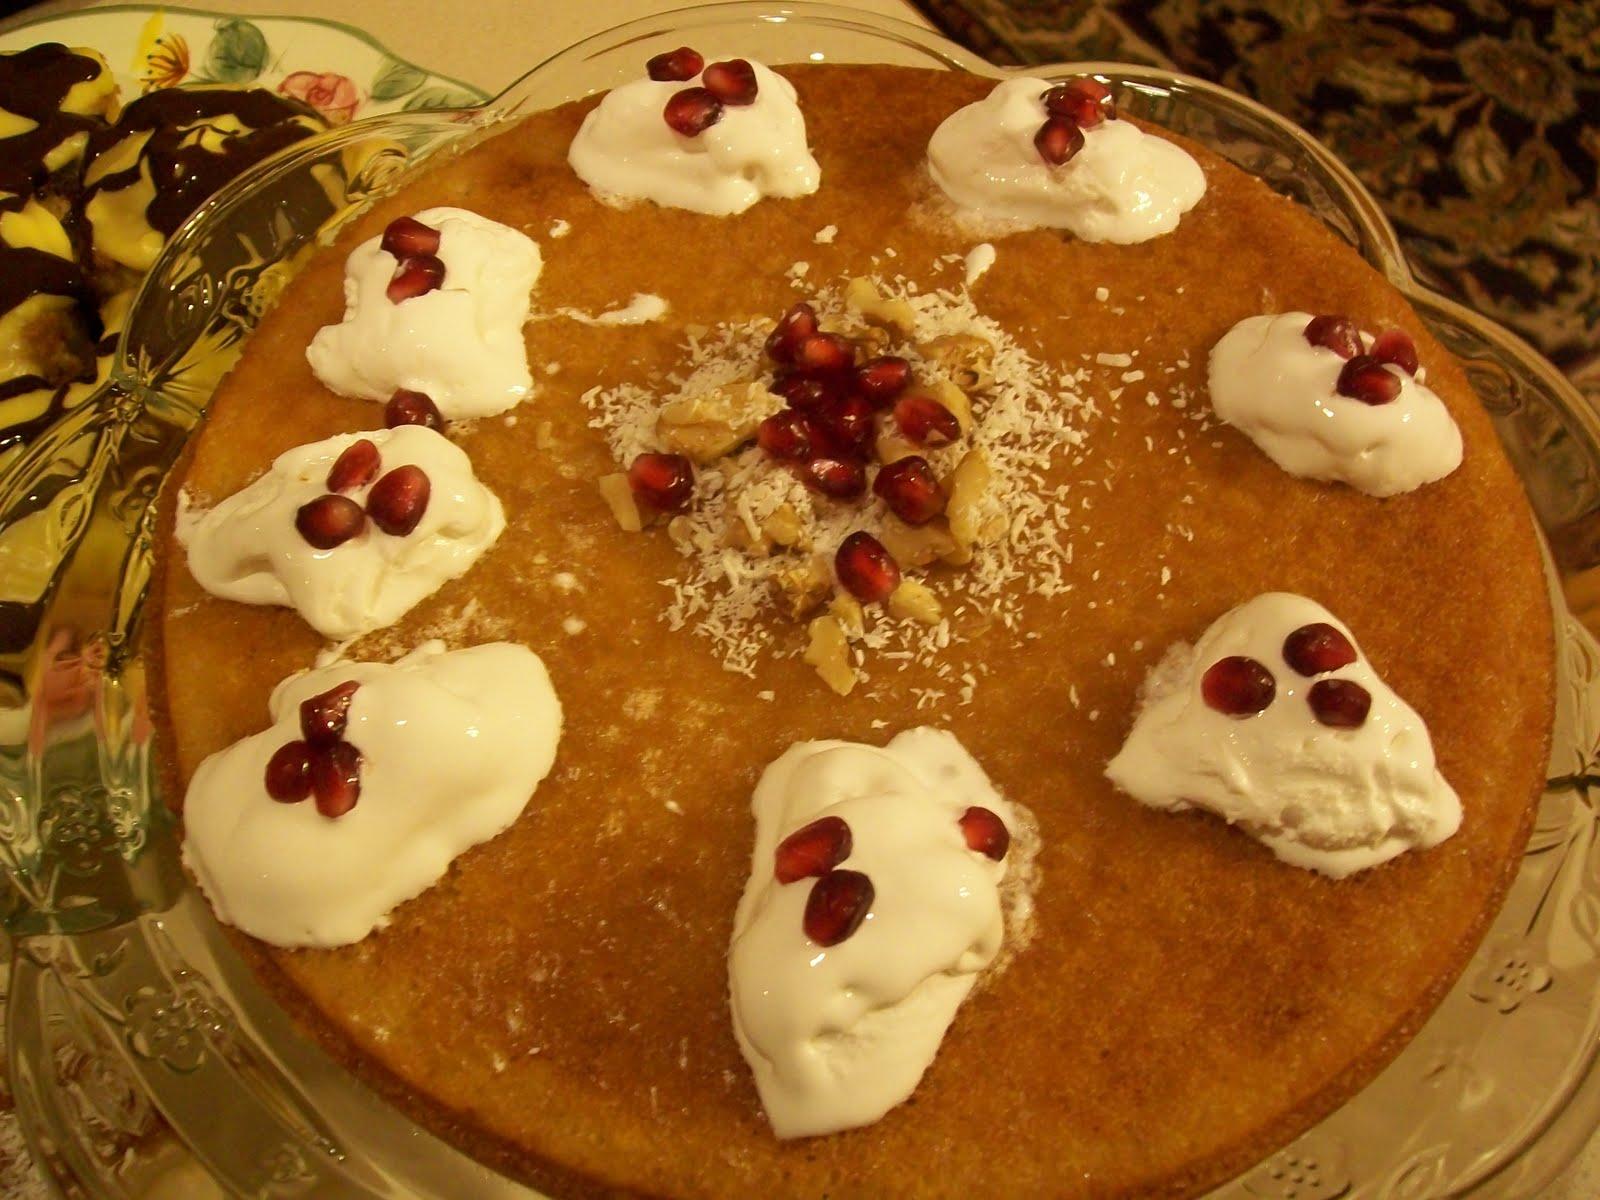 Karyoka: Kestane Püreli Çikolata Kaplı Tatlı